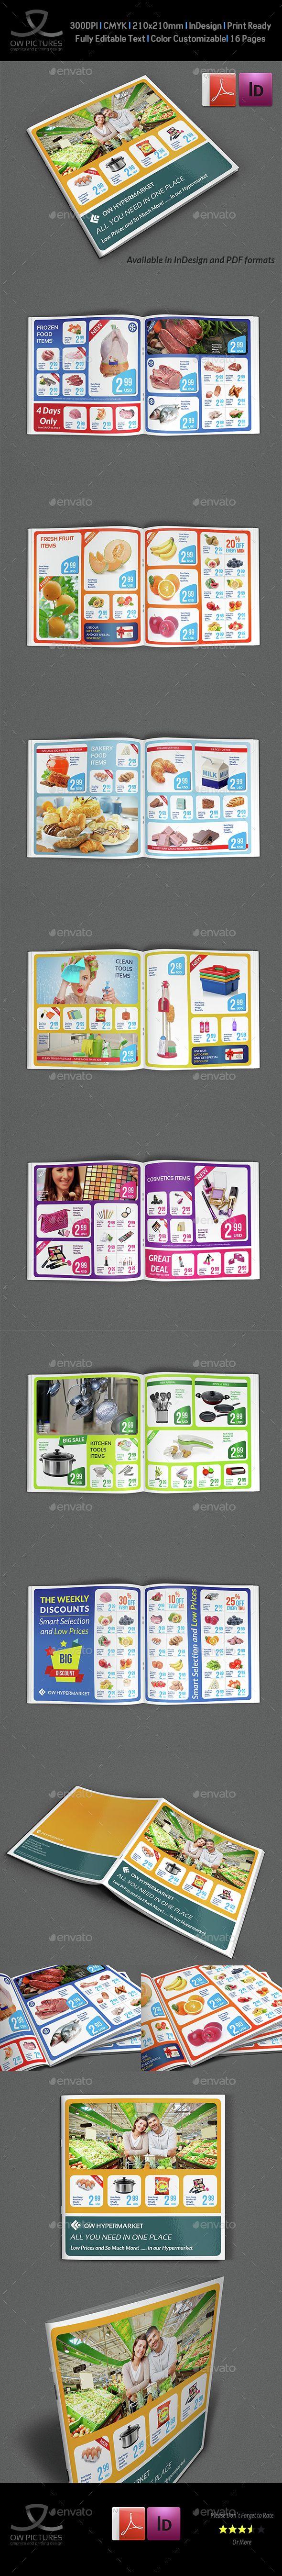 Supermarket Products Catalog Brochure Template Vol3 | Folletos y Navidad